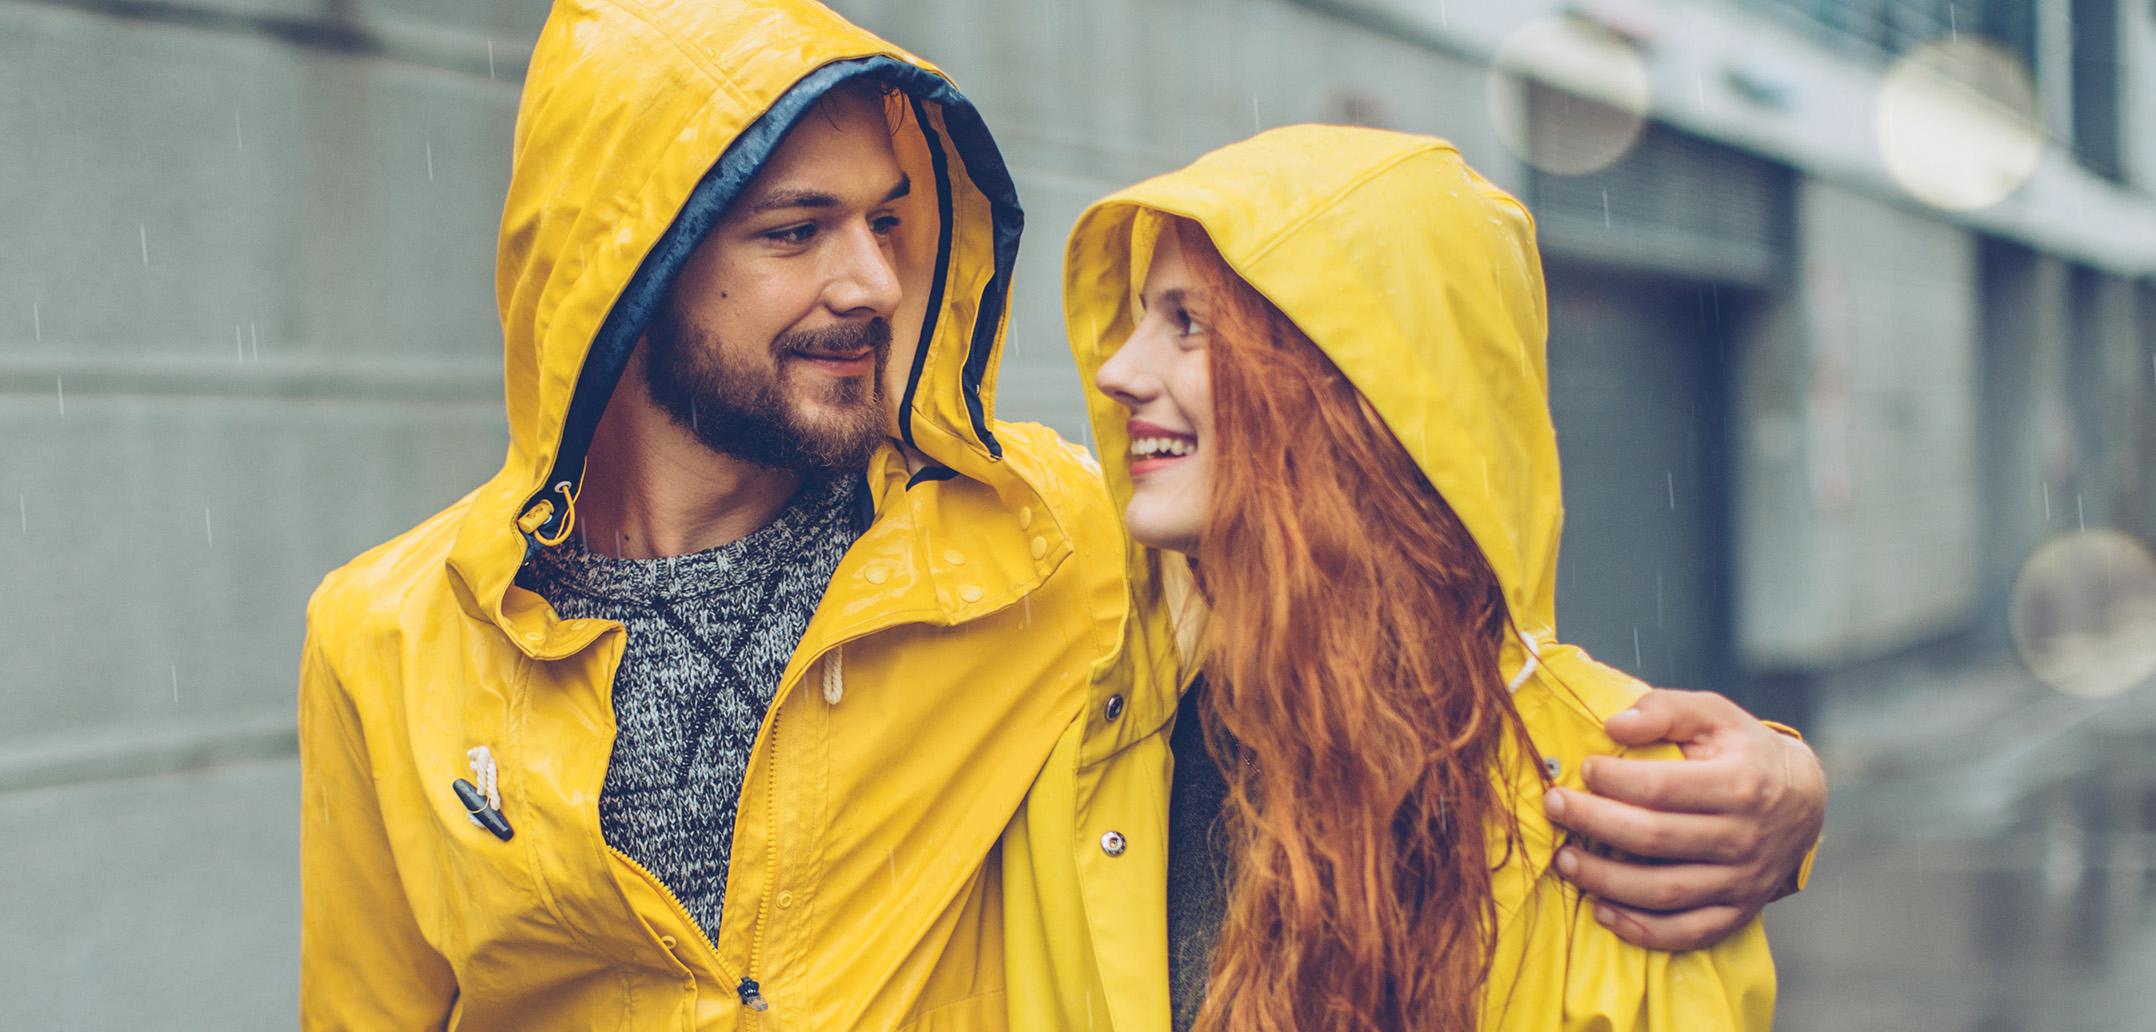 Pärchen im Partnerlook lächelt sich verliebt an